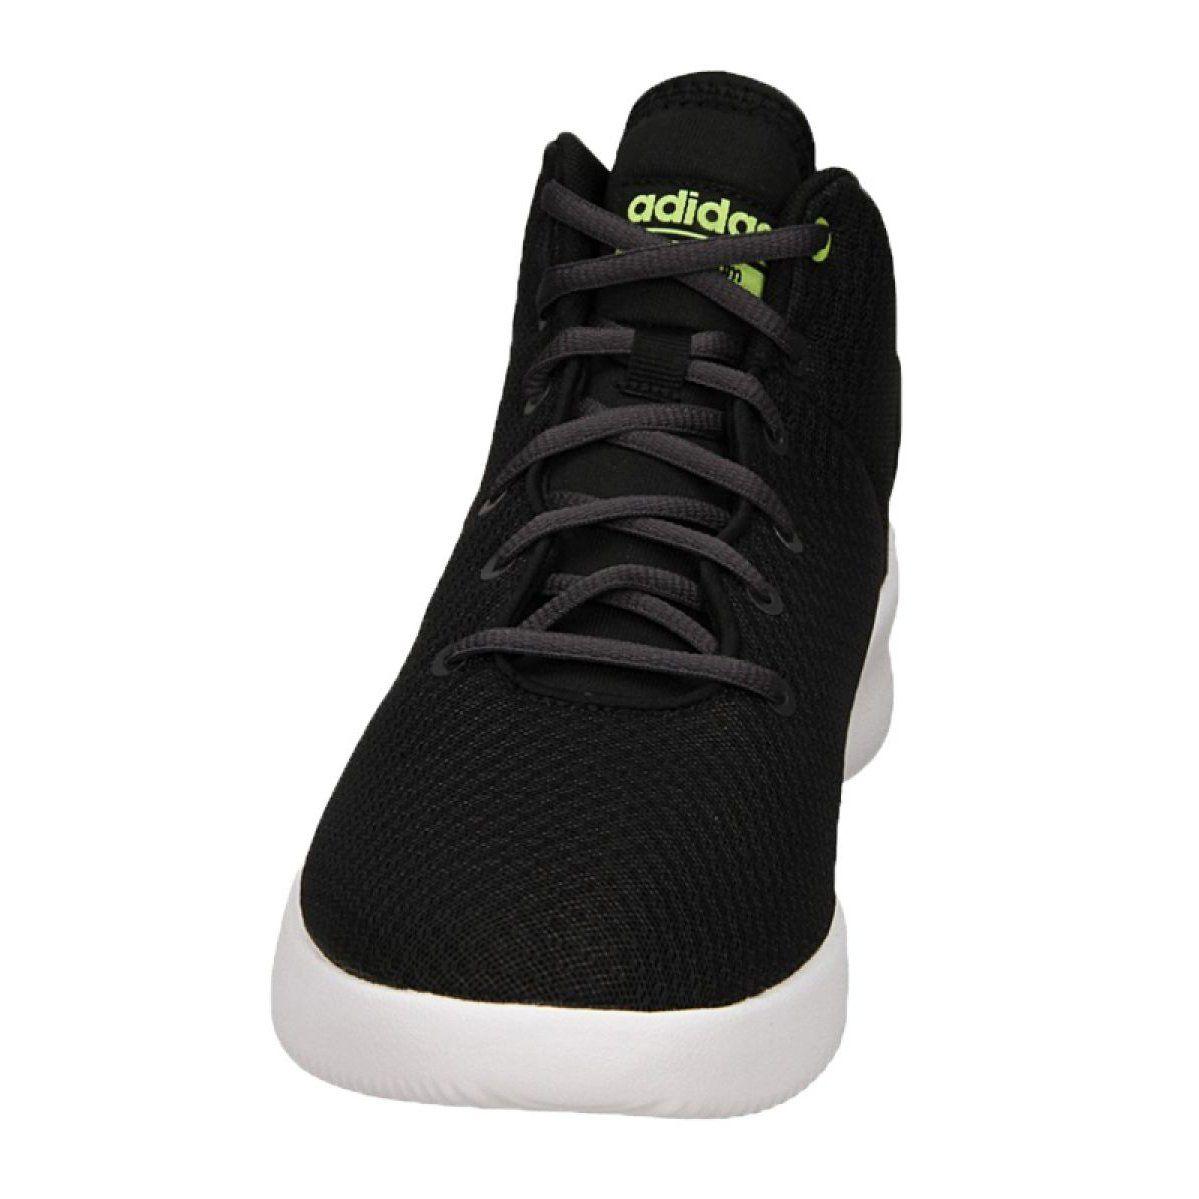 Adidas Element Refresh Mid M Bb9907 Shoes Black Black Shoes Shoes Sports Shoes Adidas